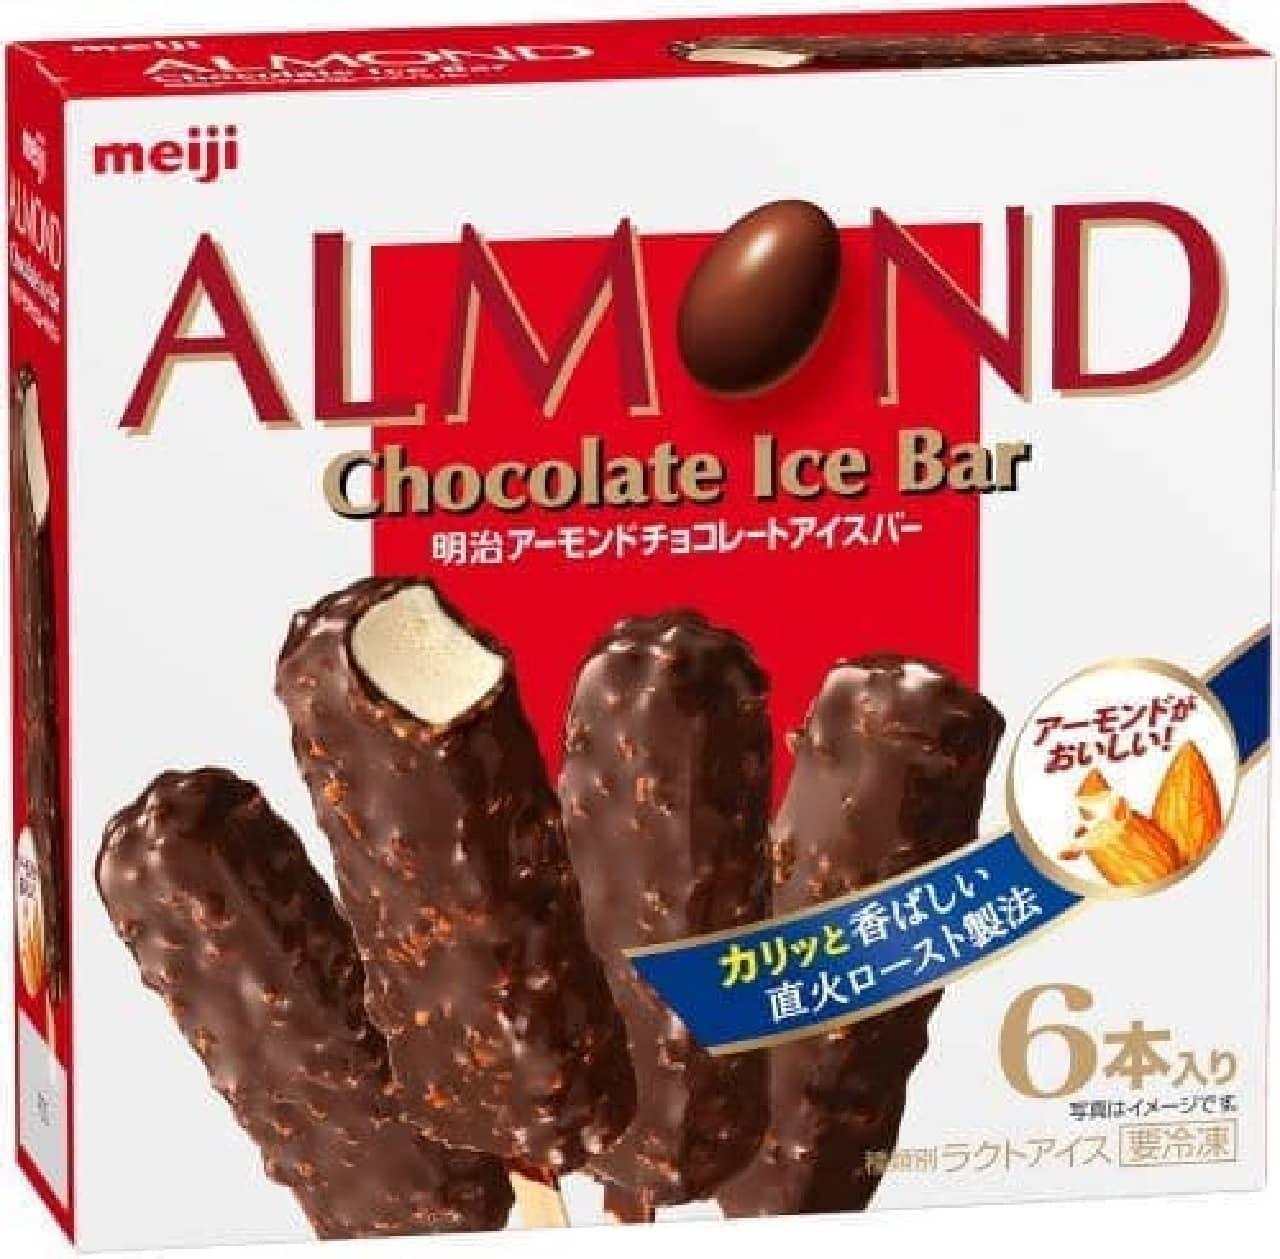 明治 アーモンドチョコレートアイスバー